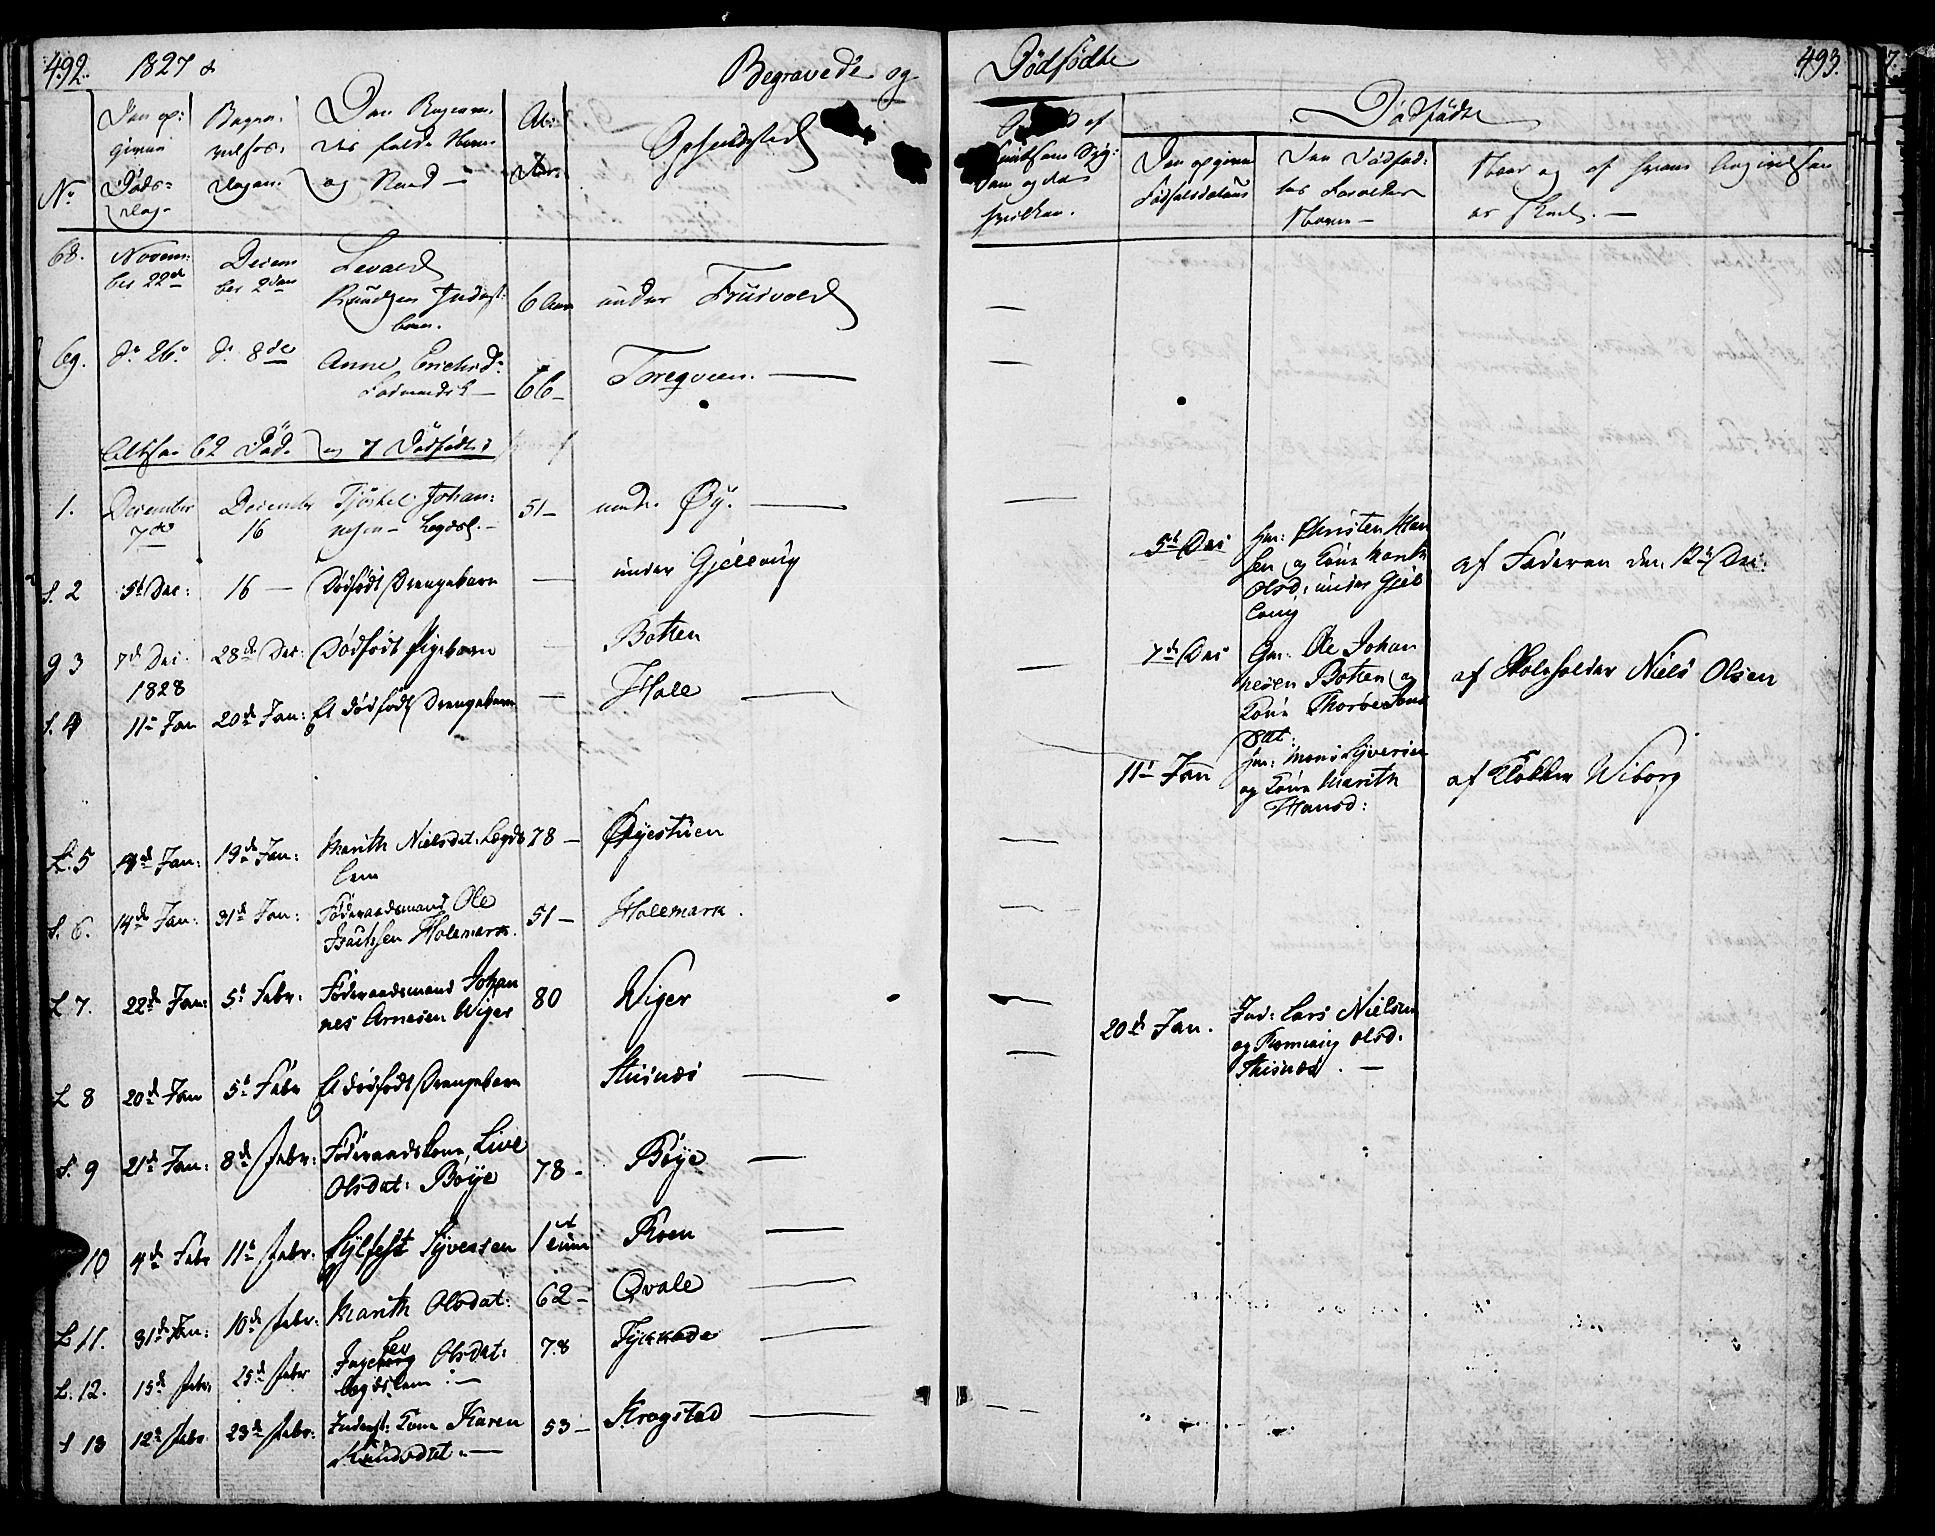 SAH, Lom prestekontor, K/L0005: Ministerialbok nr. 5, 1825-1837, s. 492-493